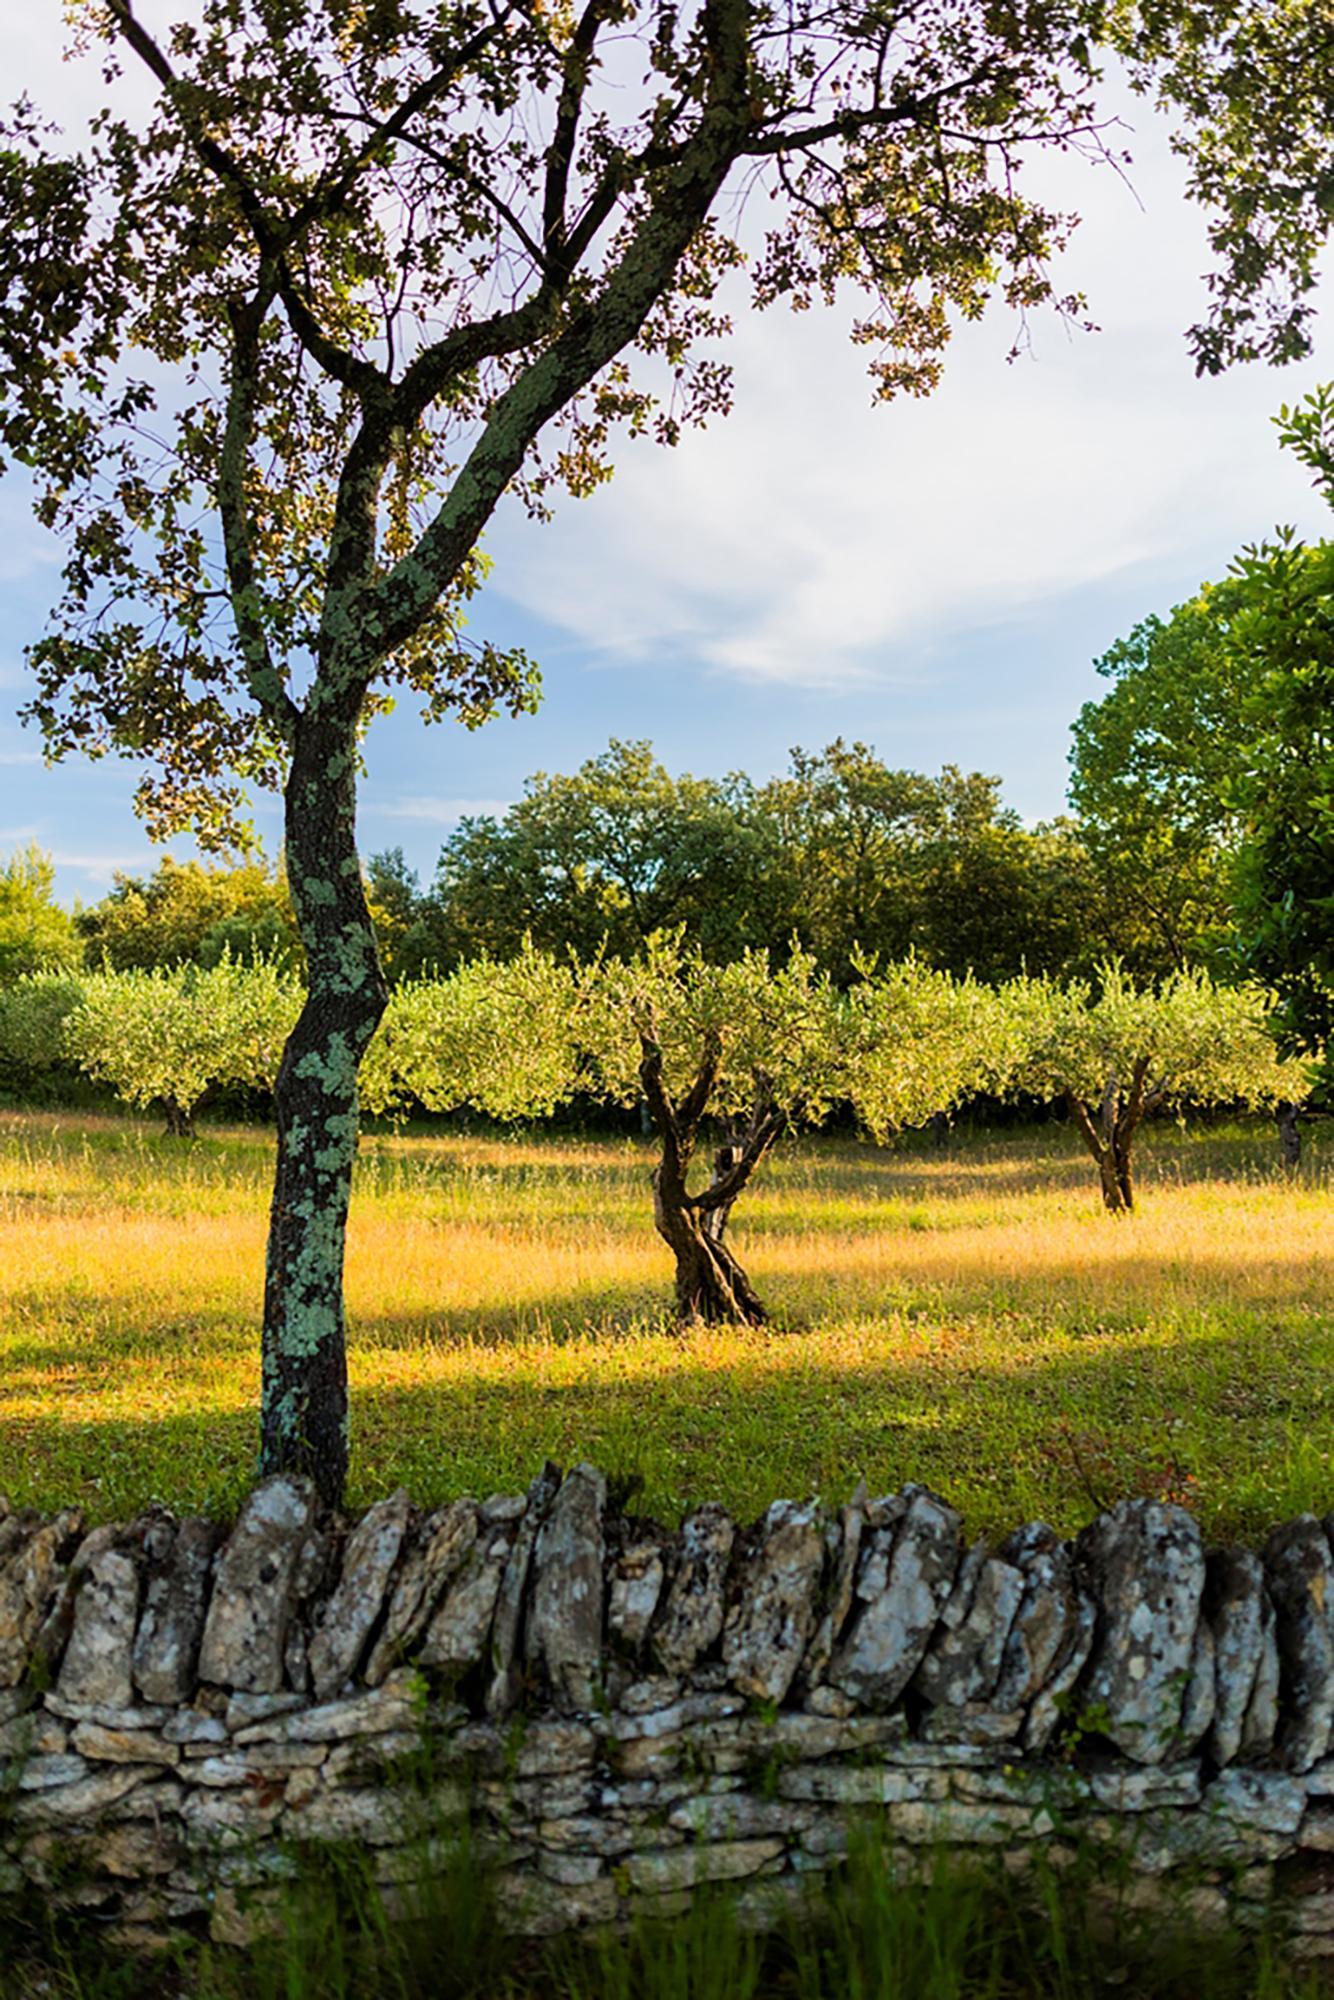 """""""灌木丛的记忆""""露天展览是一条长1.4公里的小路,沿途设有路标,四周环绕着干石墙,路旁是方圆数英亩的葡萄园、橄榄树林(如图)、麦田和橡树。 - © Aurelio Rodriguez"""